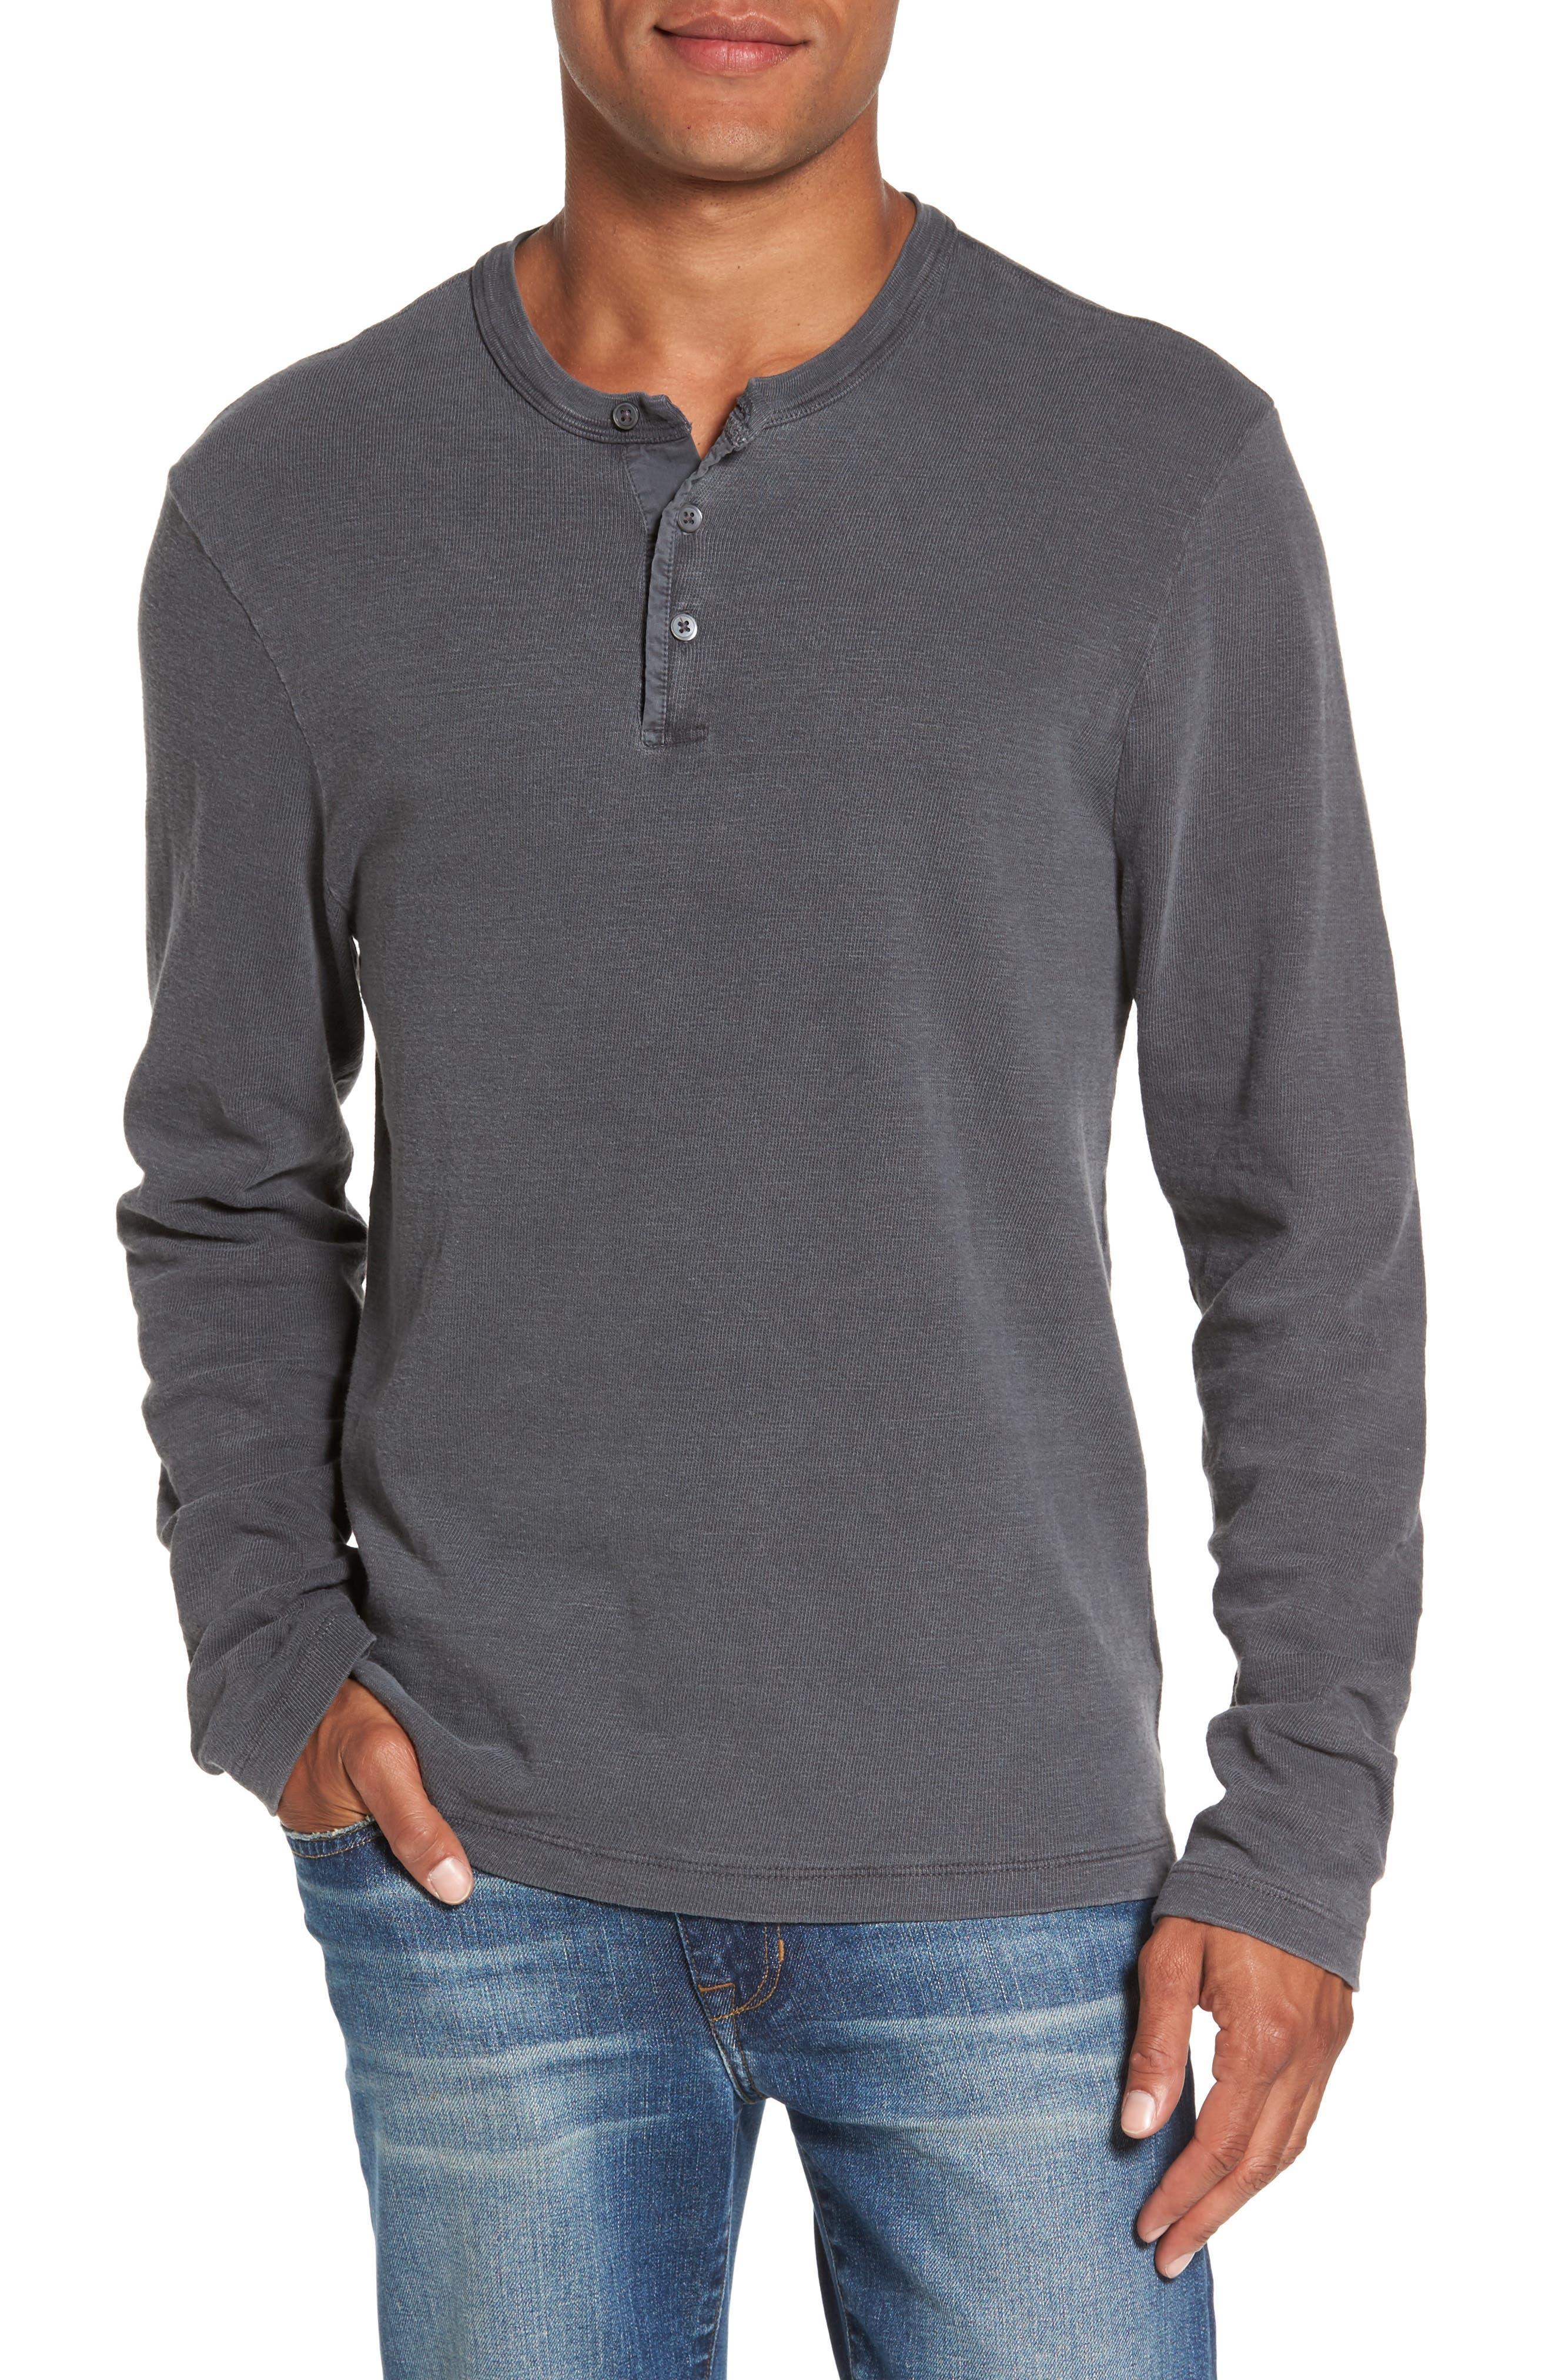 James Perse Long Sleeve Henley T-Shirt